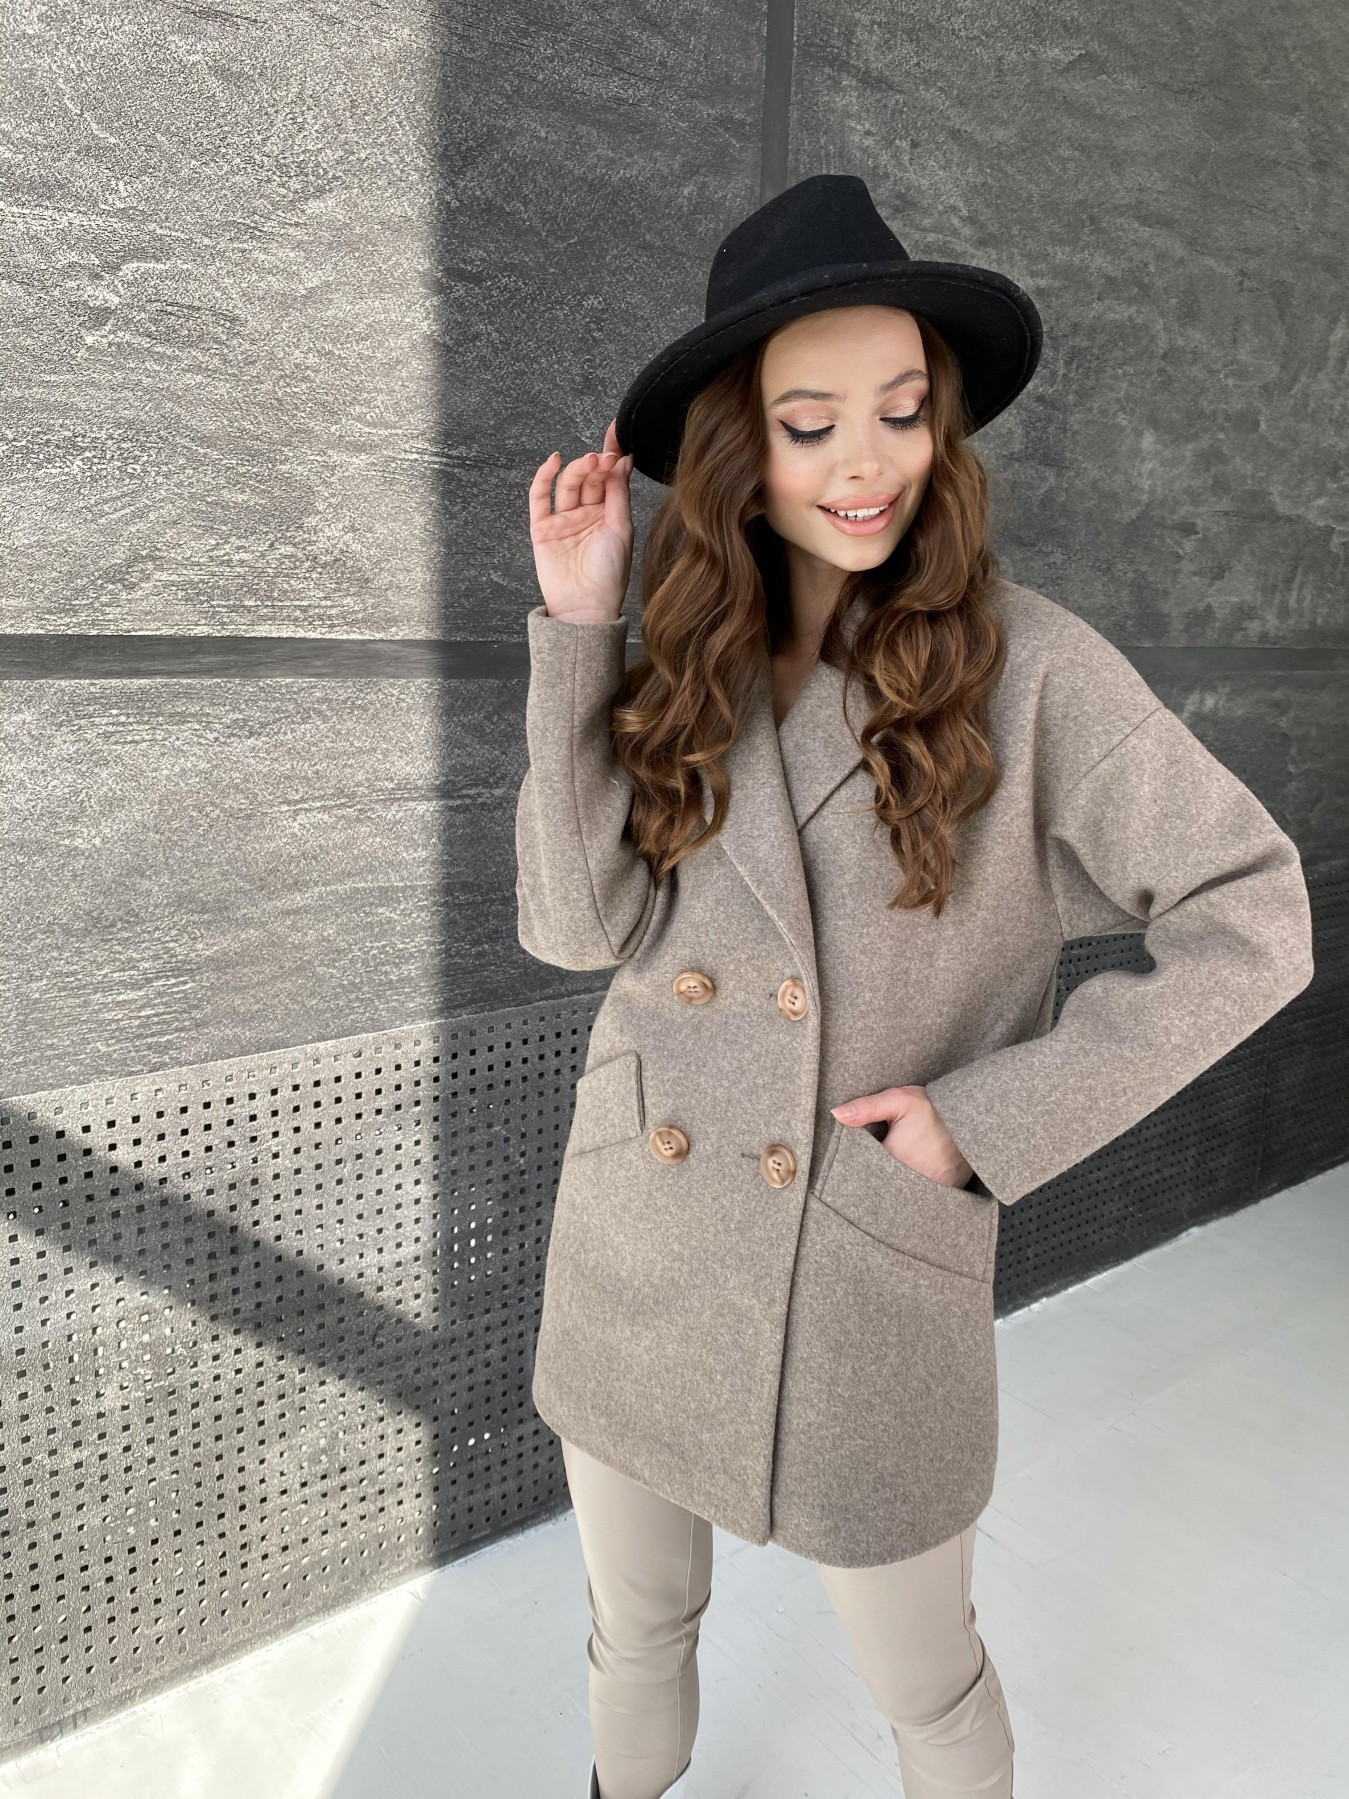 Бонд пальто  кашемировое меланж на трикотаже  10644 АРТ. 47178 Цвет: Бежевый 28 - фото 4, интернет магазин tm-modus.ru